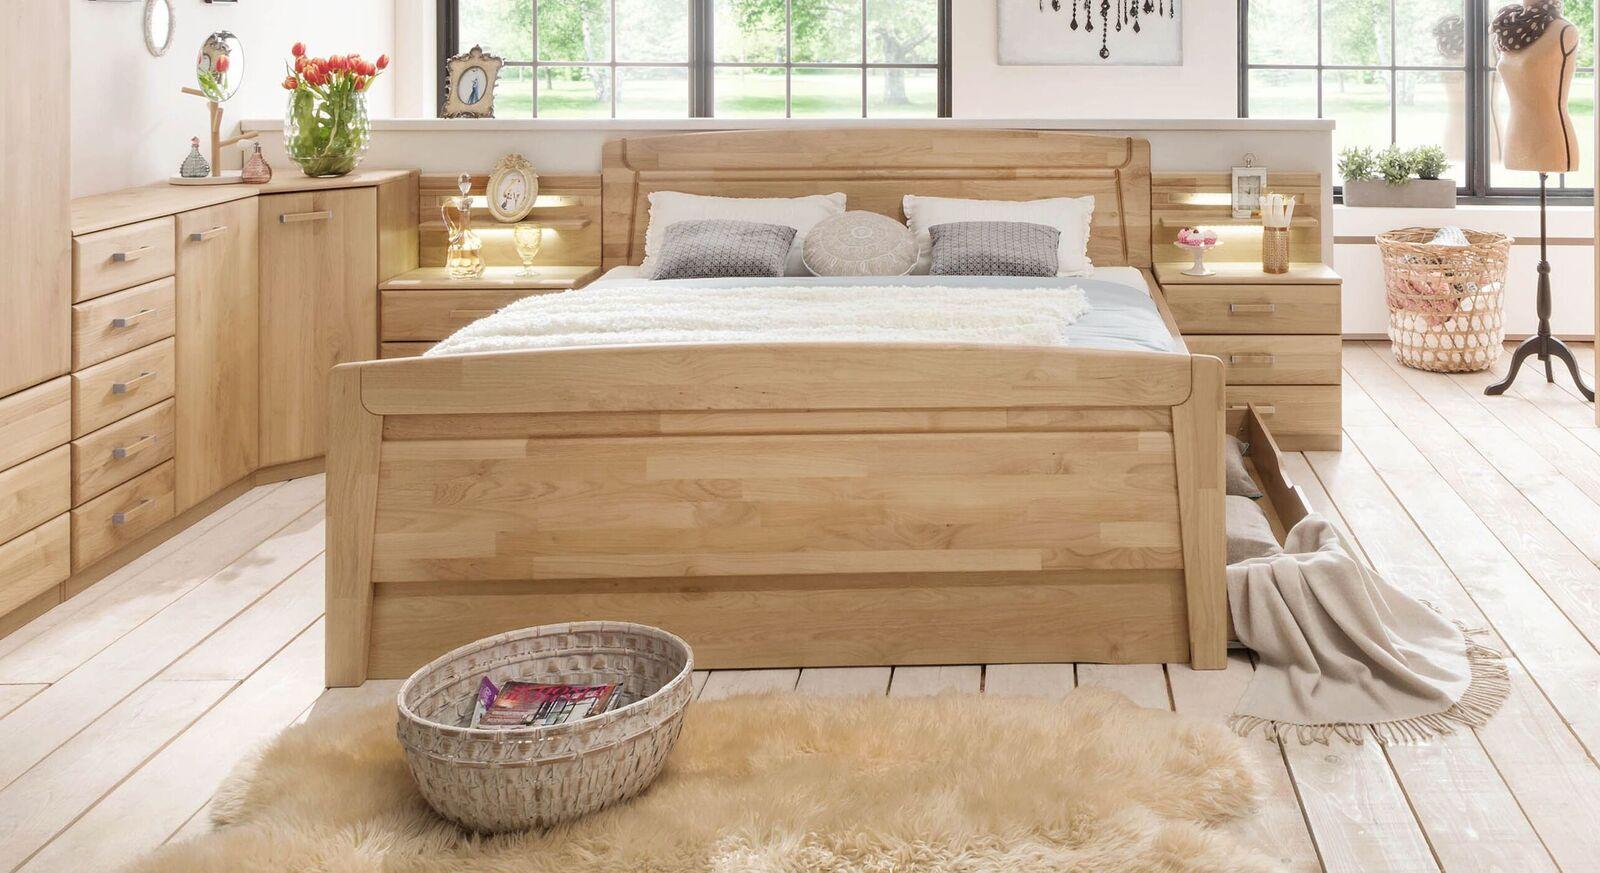 doppelbetten mit bettkasten und weitere doppelbetten. Black Bedroom Furniture Sets. Home Design Ideas